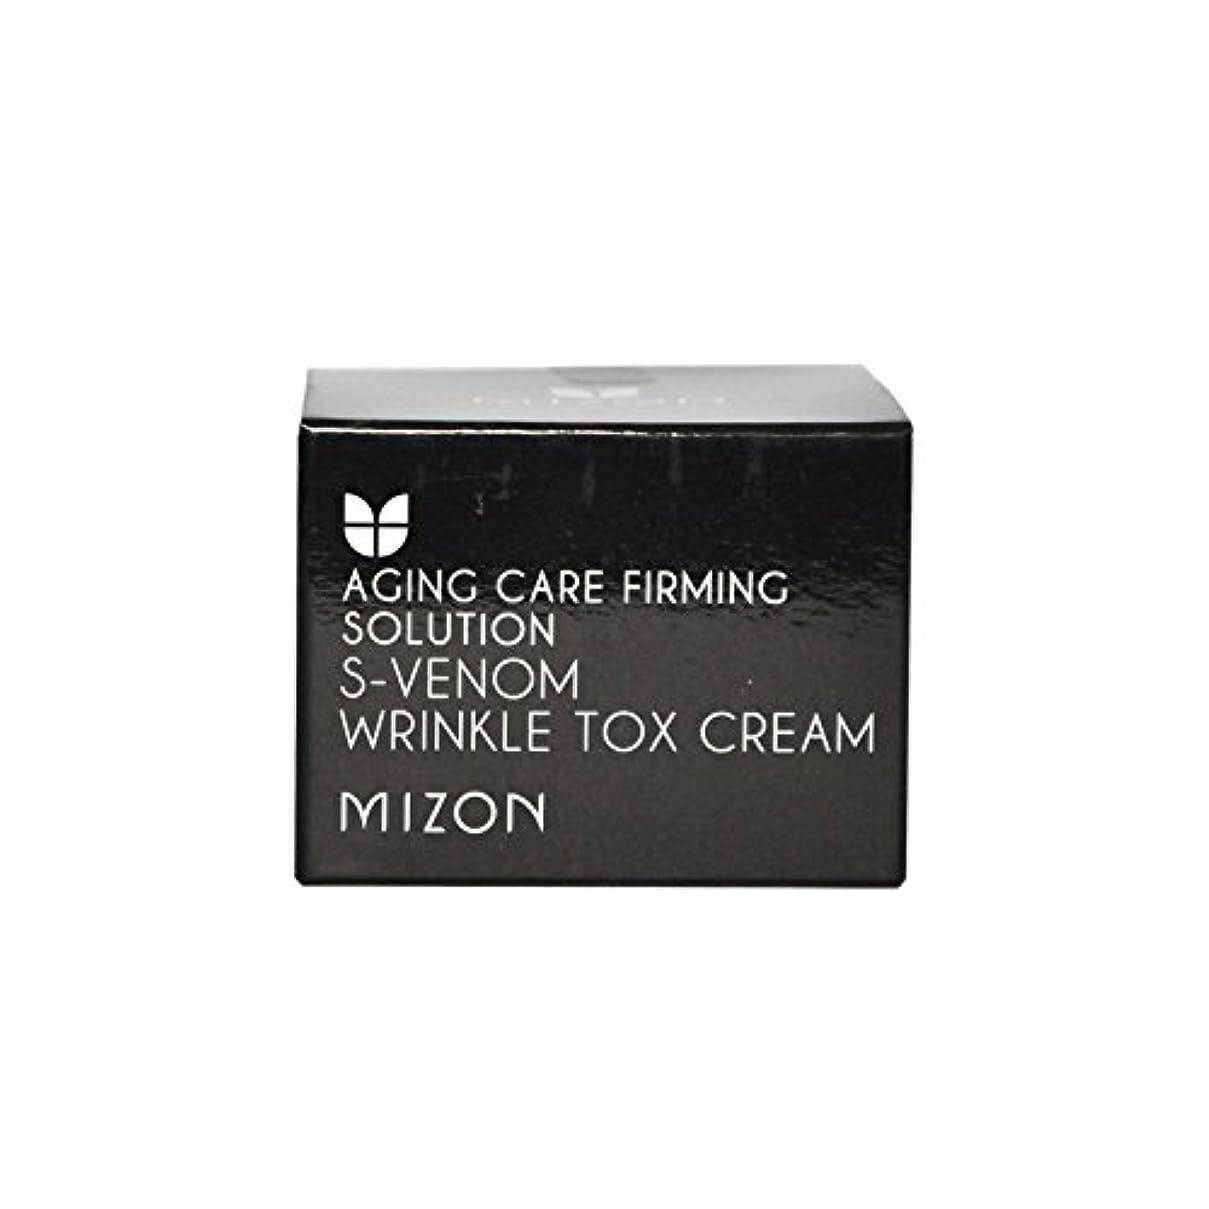 存在する失われた前方への毒リンクルトックスクリーム x2 - Mizon S Venom Wrinkle Tox Cream (Pack of 2) [並行輸入品]